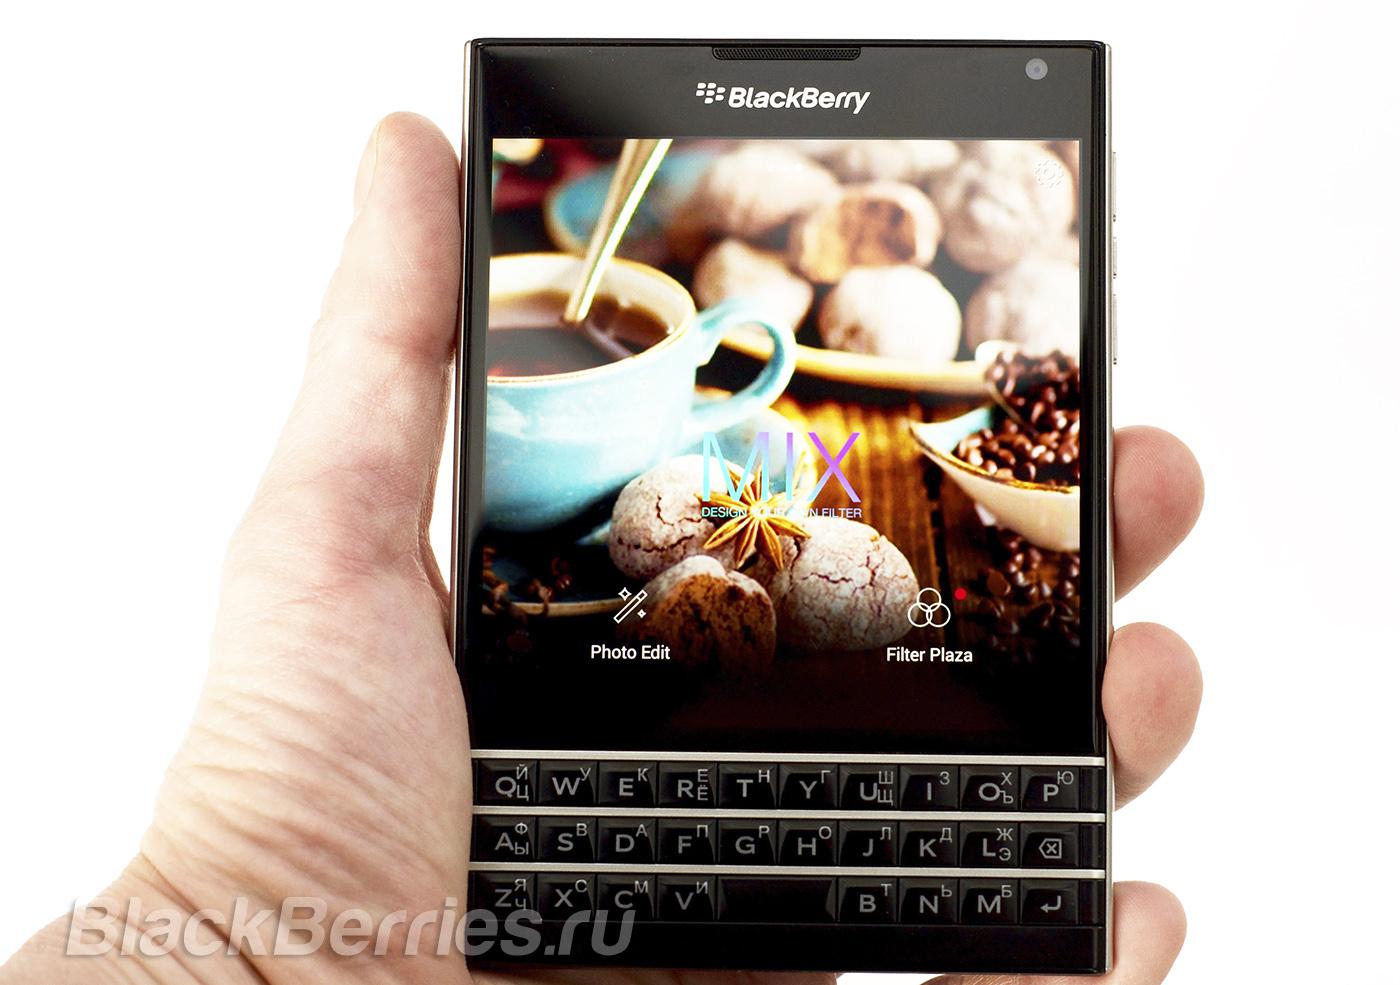 BlackBerry-Passport-App-07-06-11